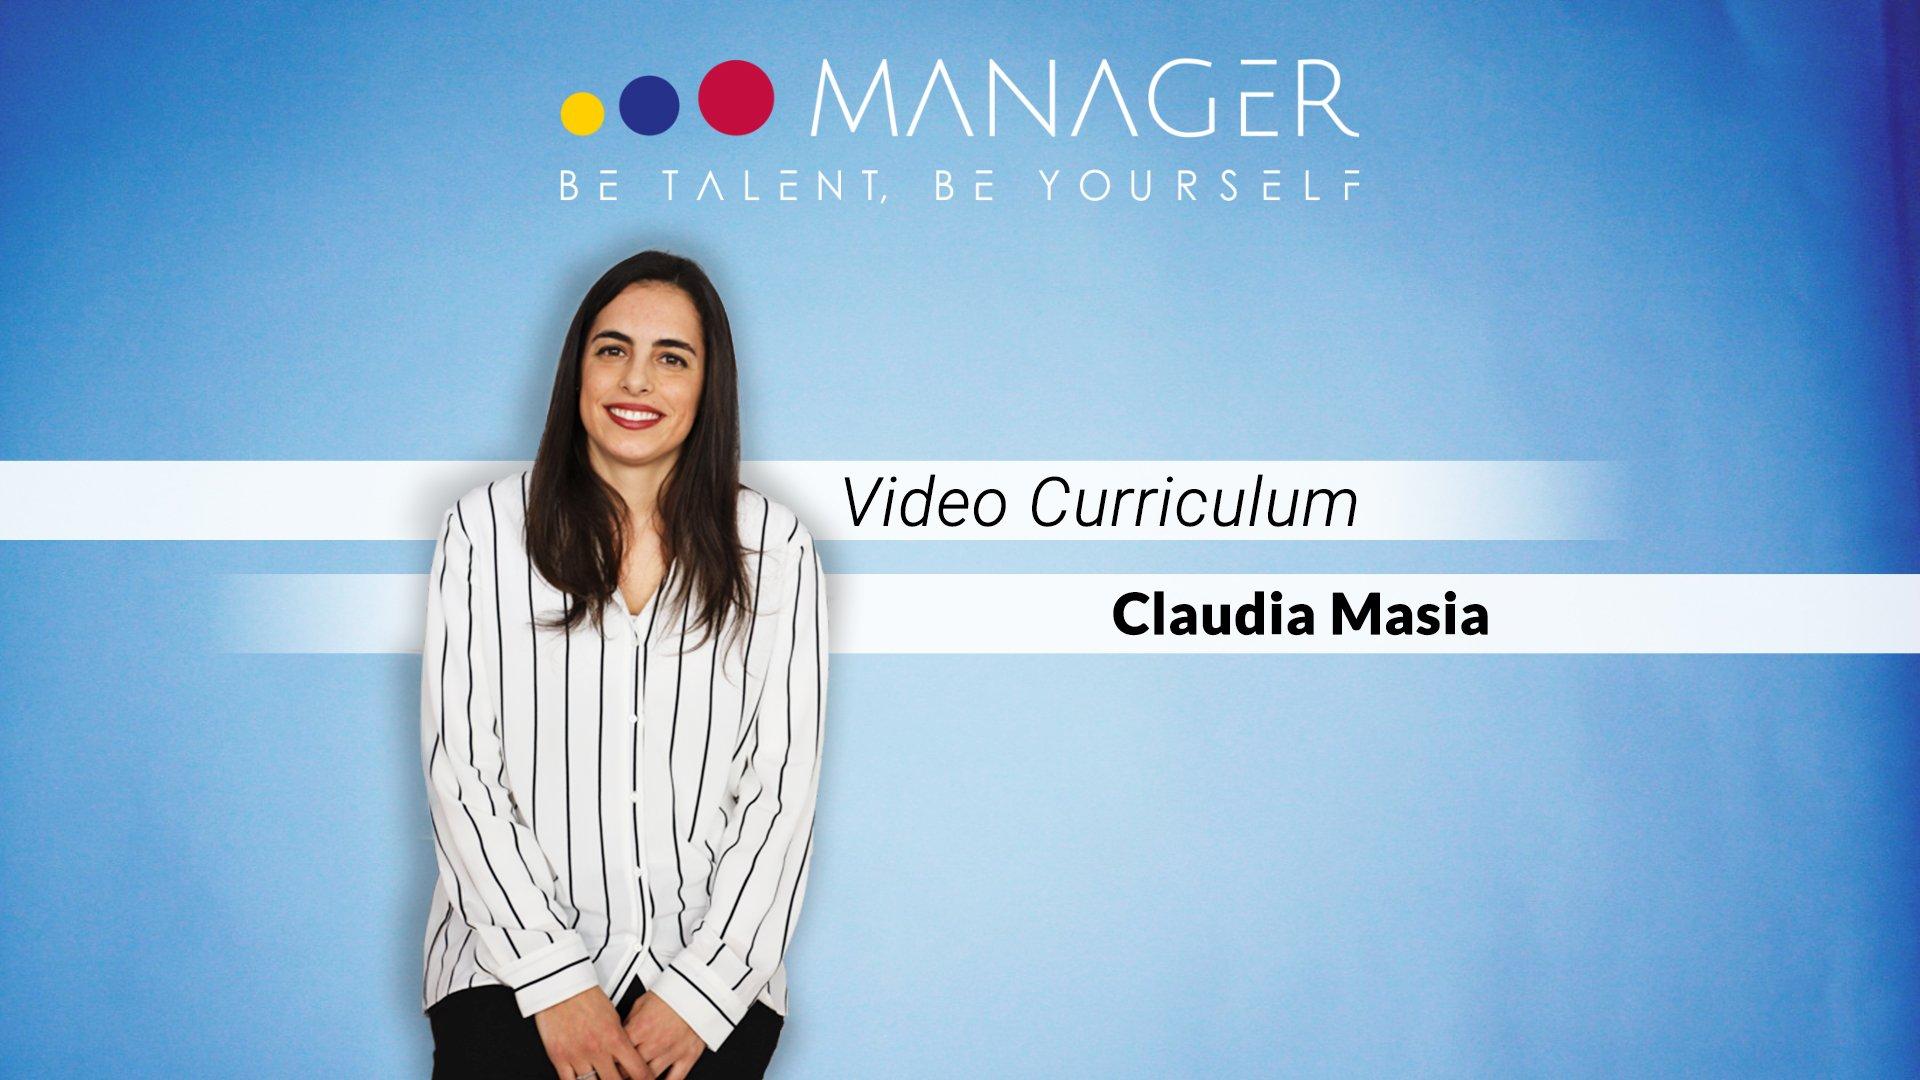 Claudia Masia